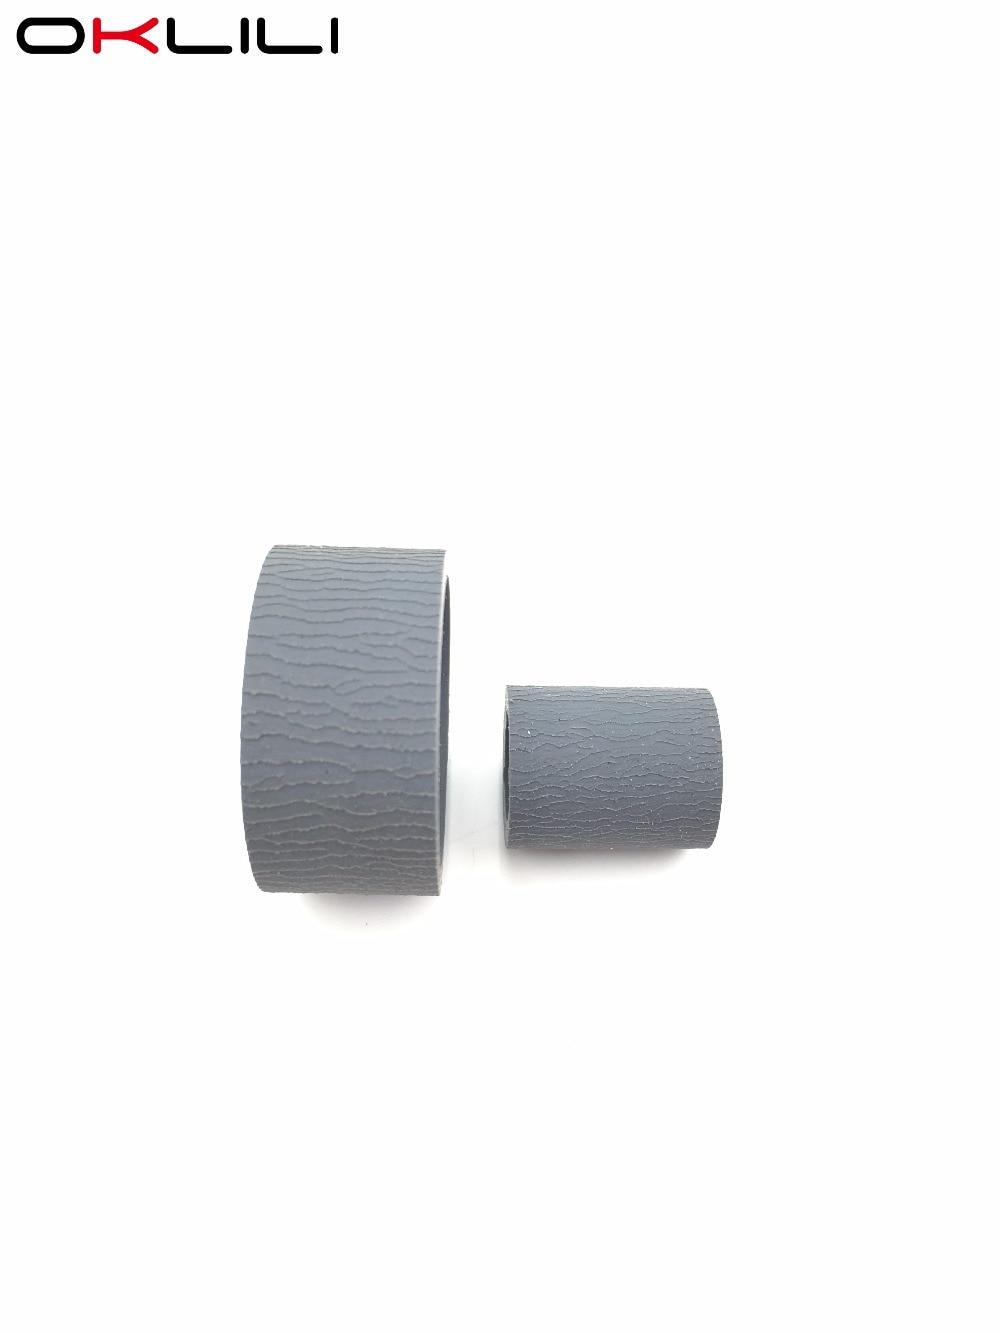 1SETX 1268943 retrasado SUB ensamblaje de recogida Recogida de rodillo de alimentación Rodillo de separación para Epson R200 R210 R220 R230 R310 R320 R340 R350